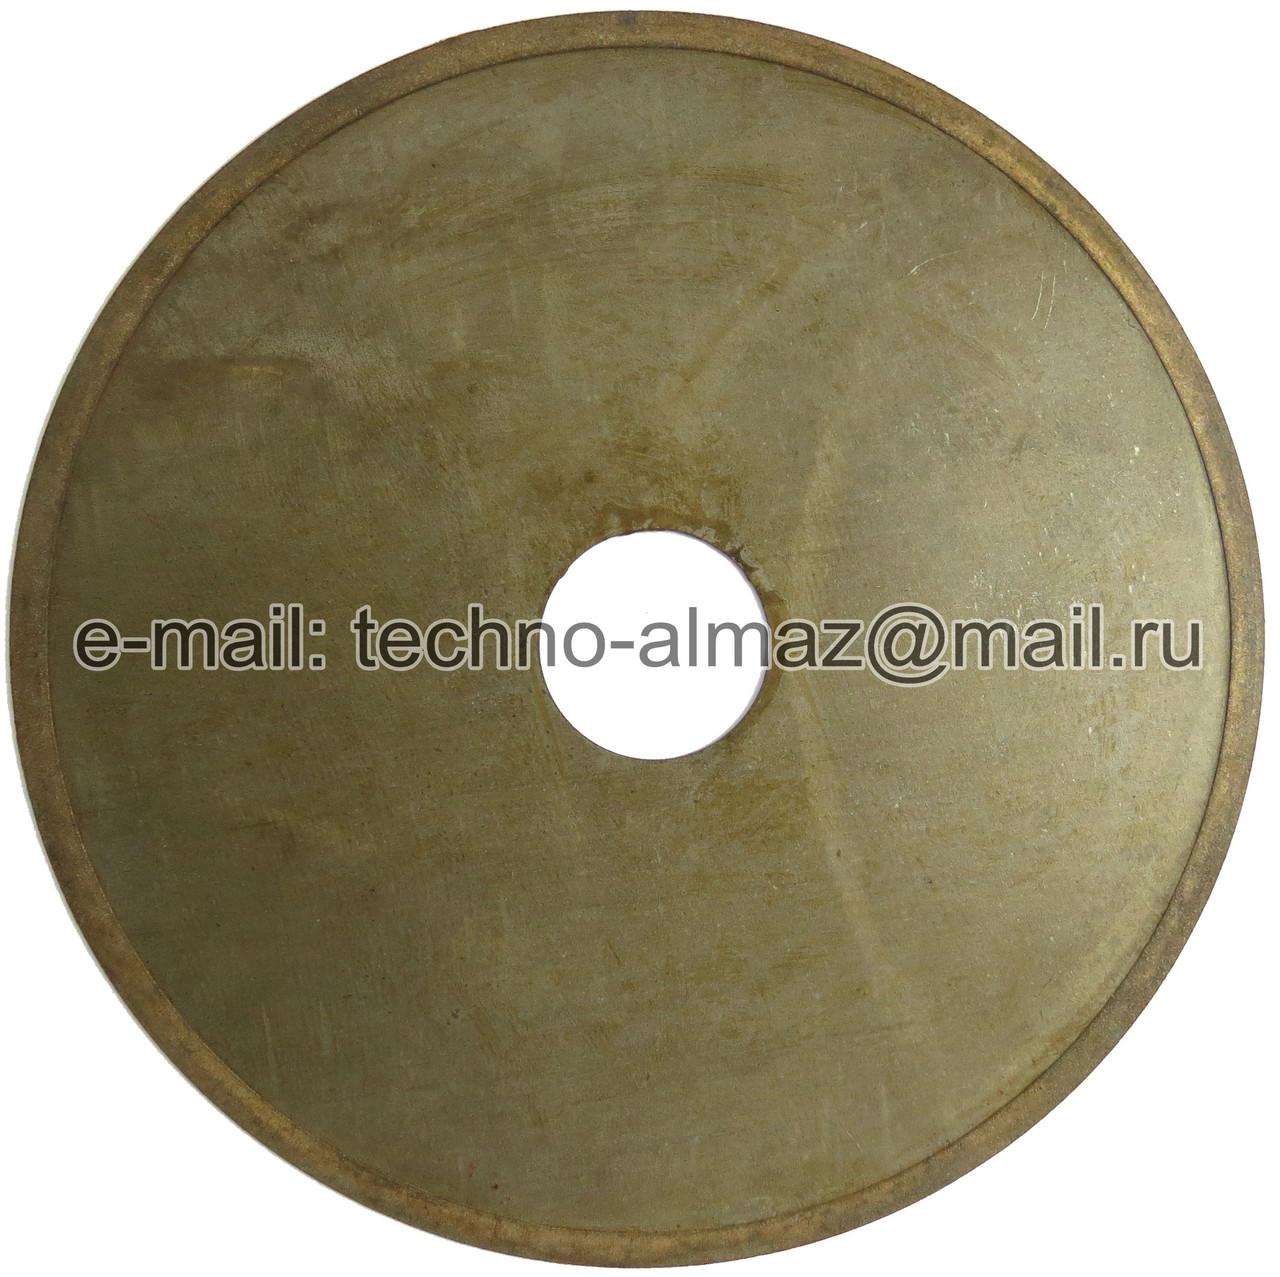 Алмазный отрезной круг 1A1R 150 1,1 5 32